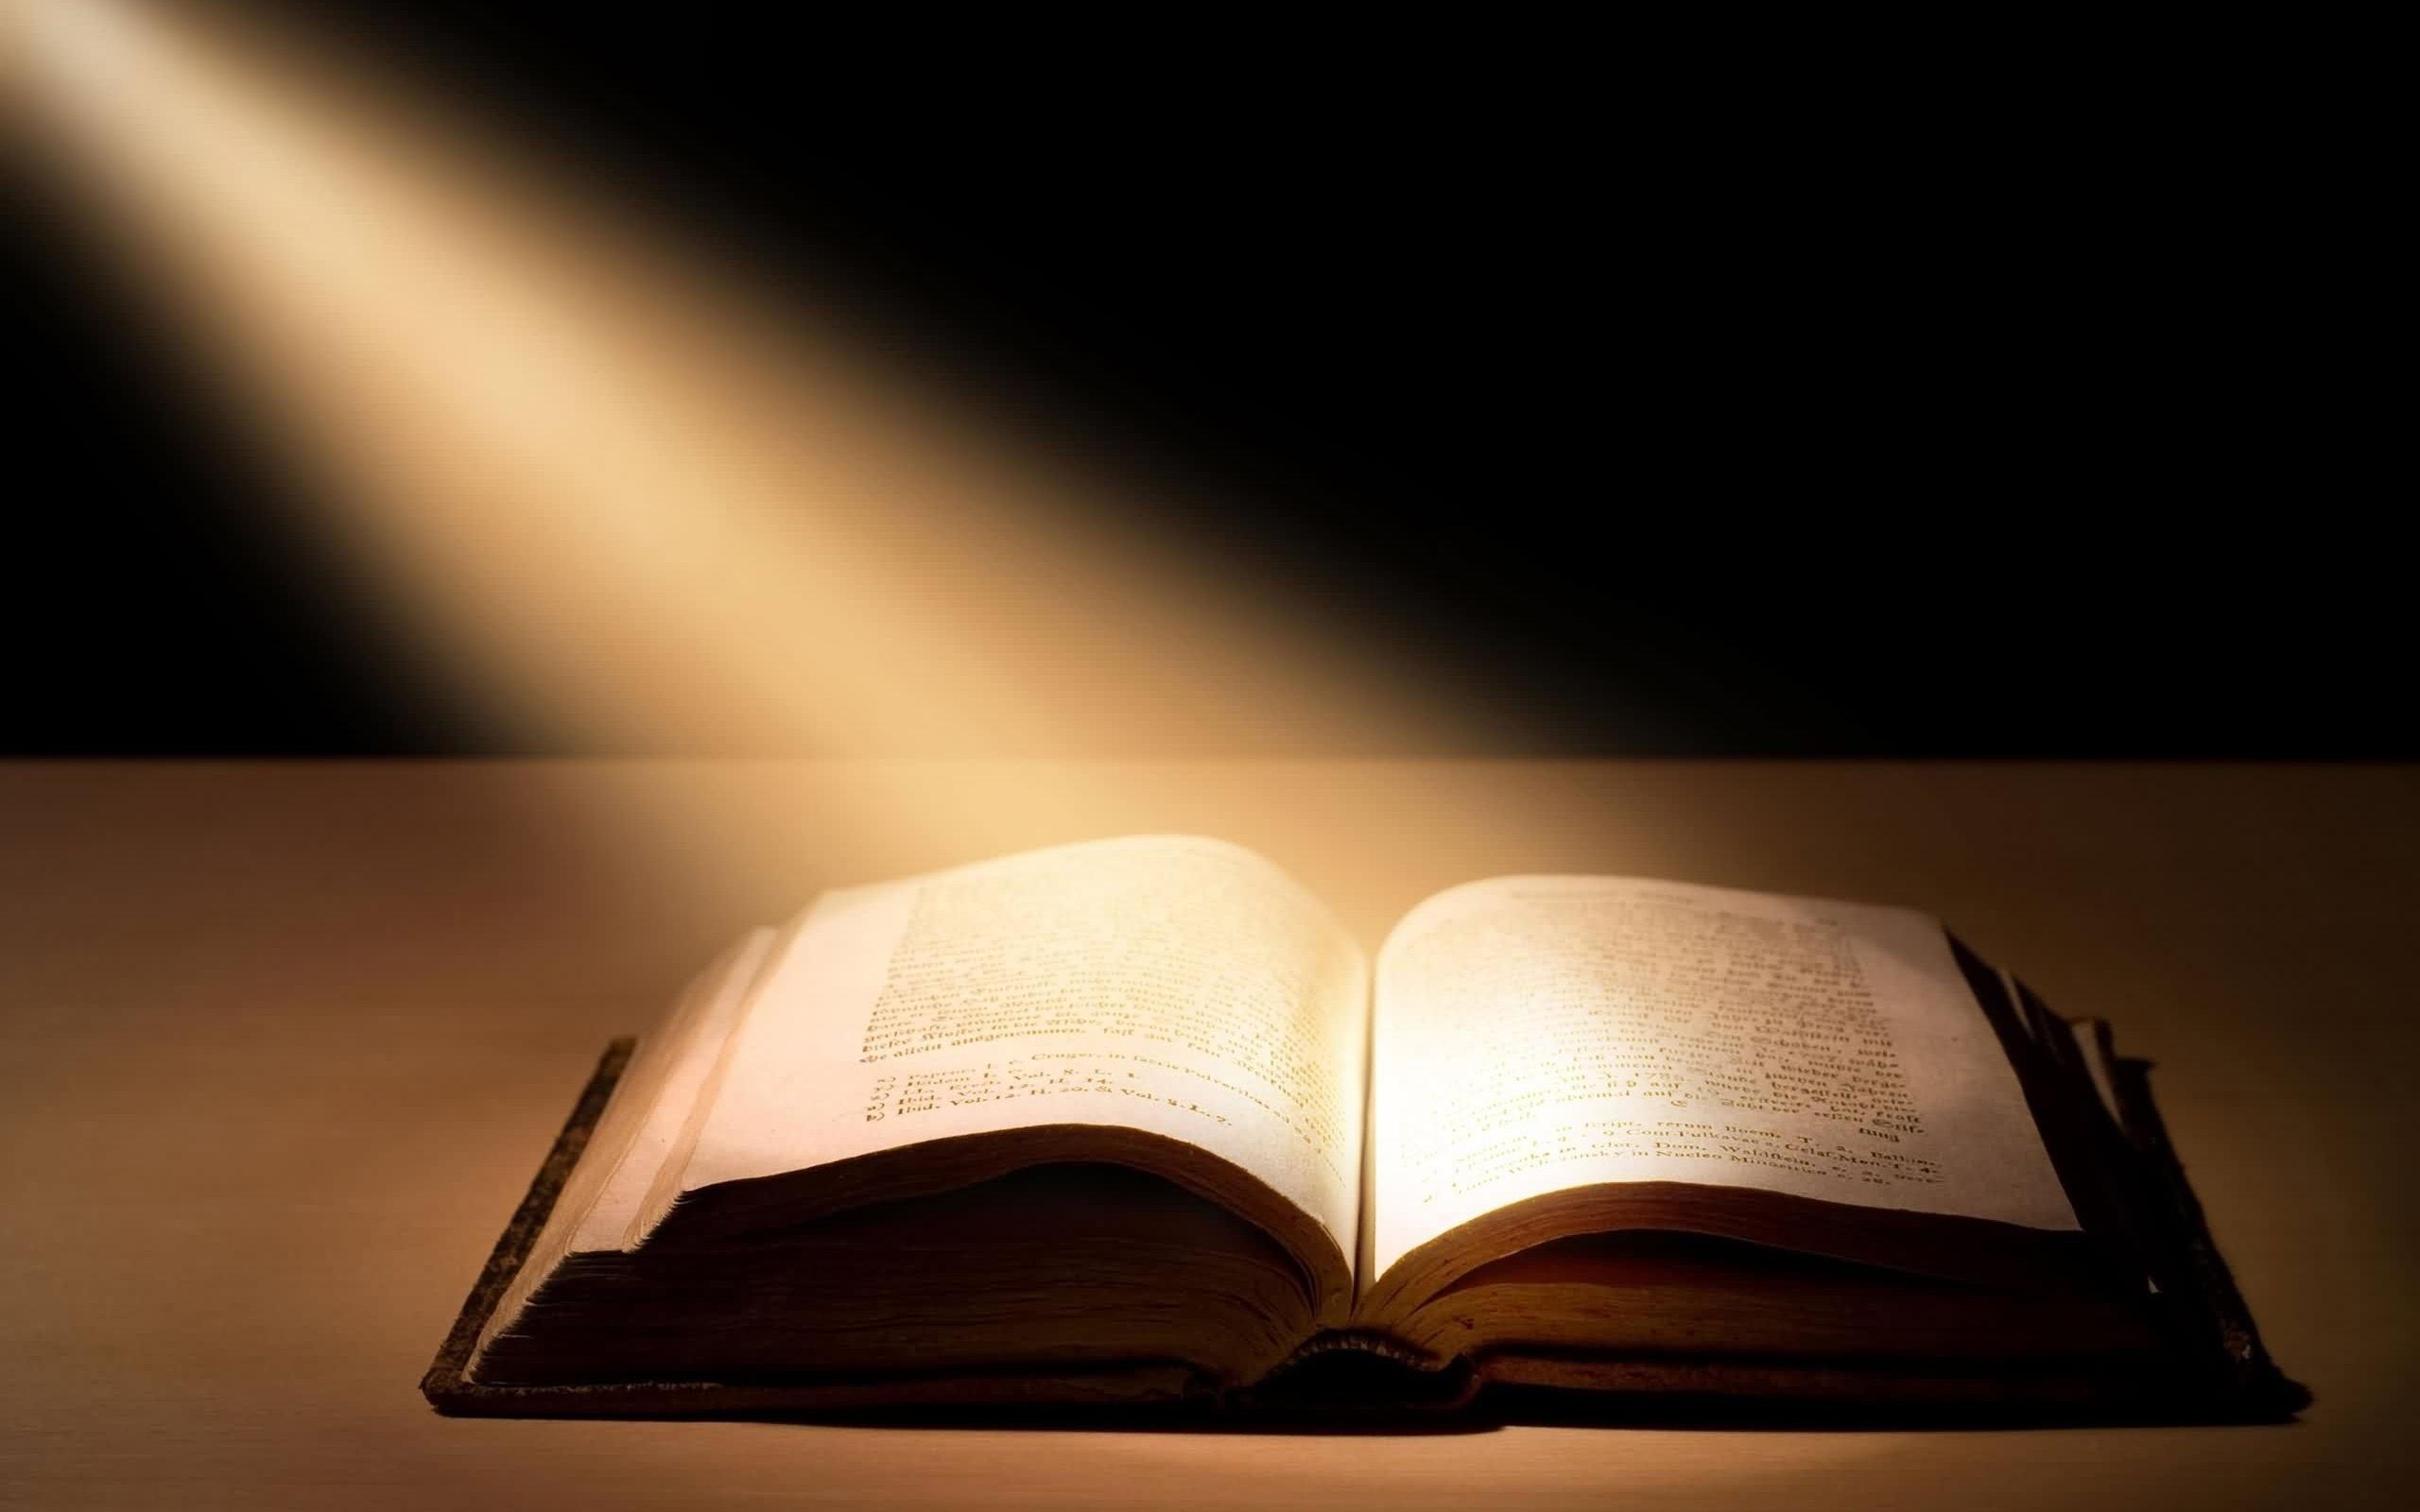 Молитва об усопших толкование